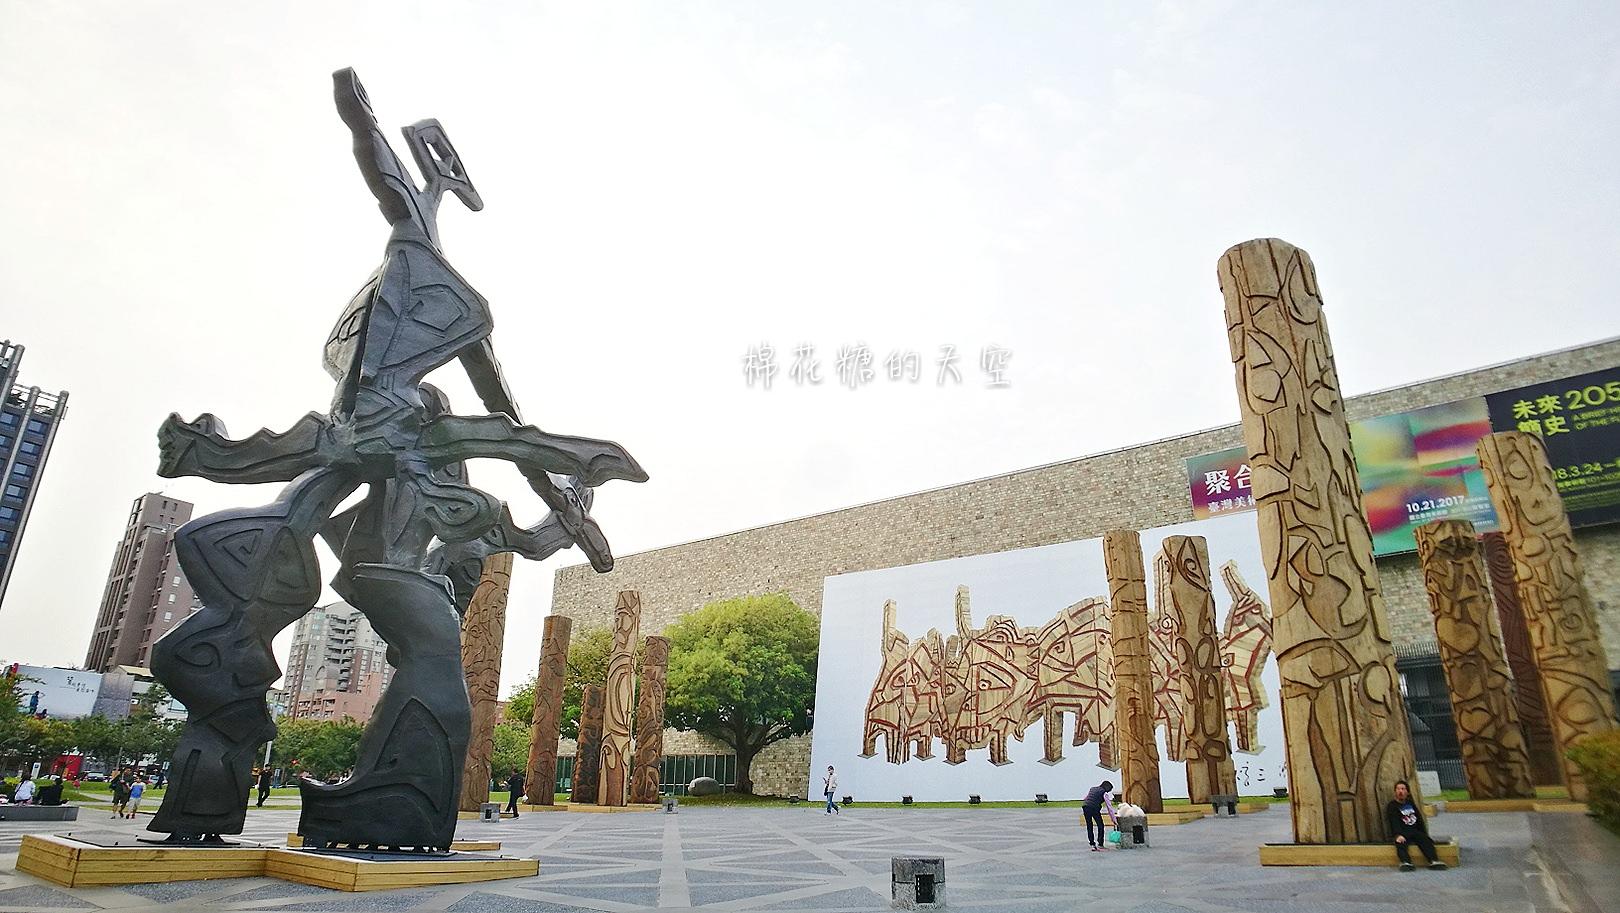 20180319190515 88 - 國立美術館被外星人佔據了?!五層樓高巨型雕塑被巨木圍繞好像電影場景!吳炫三回顧展